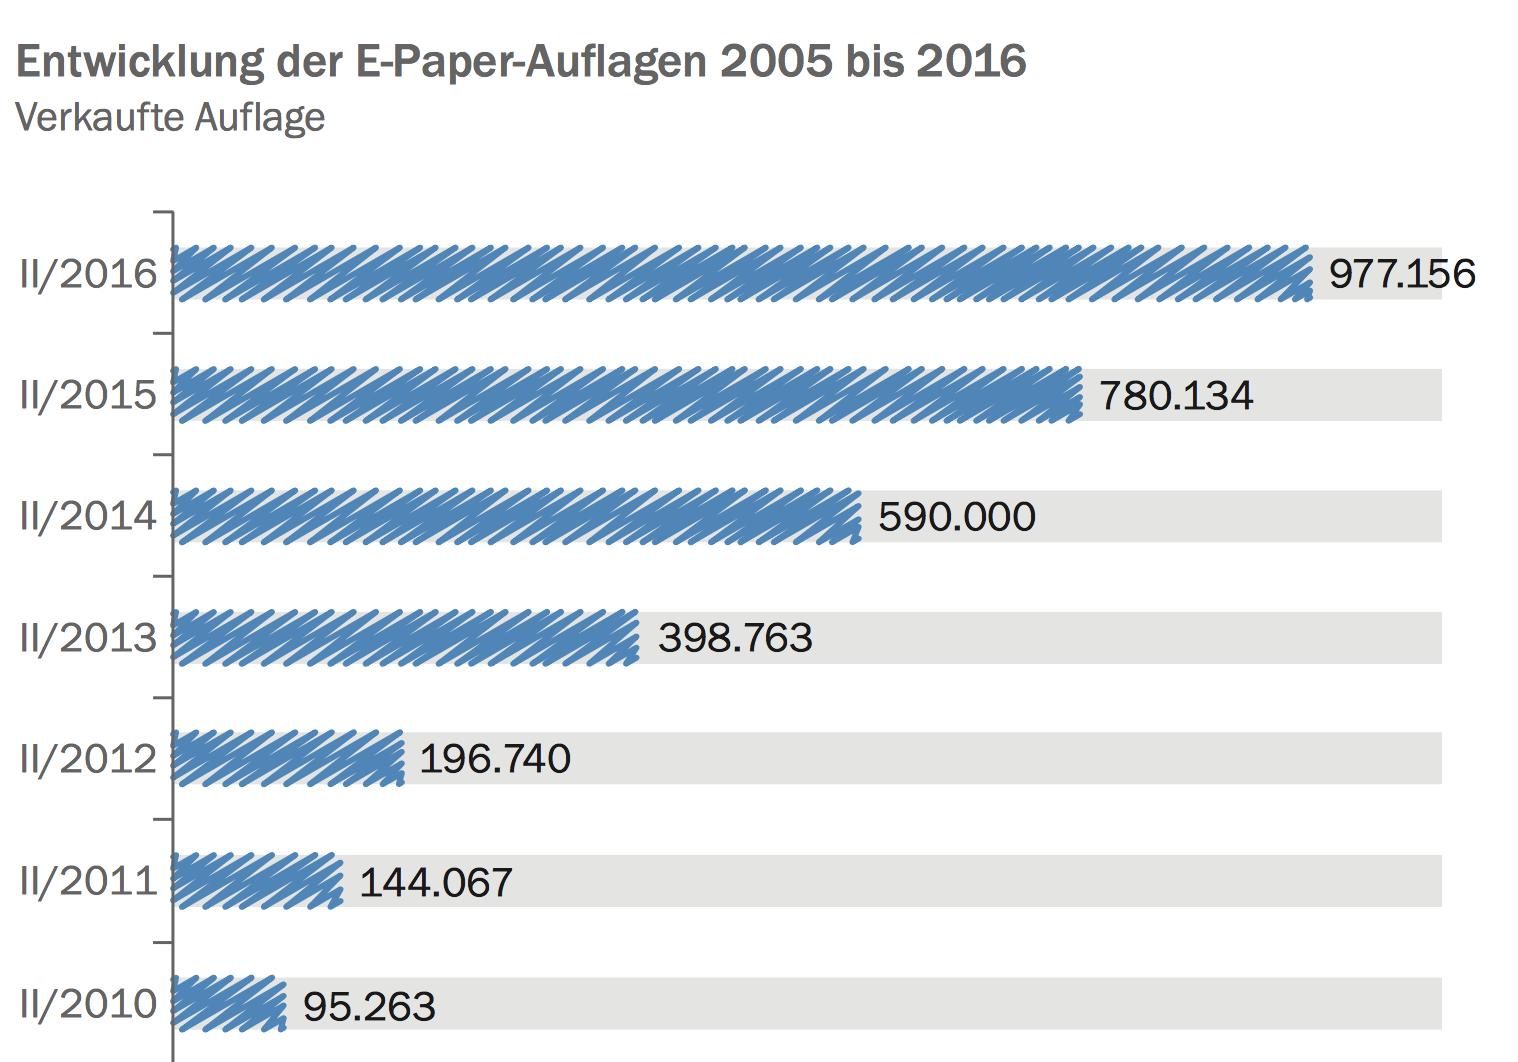 Source: Auflagenstatistik der ZMB